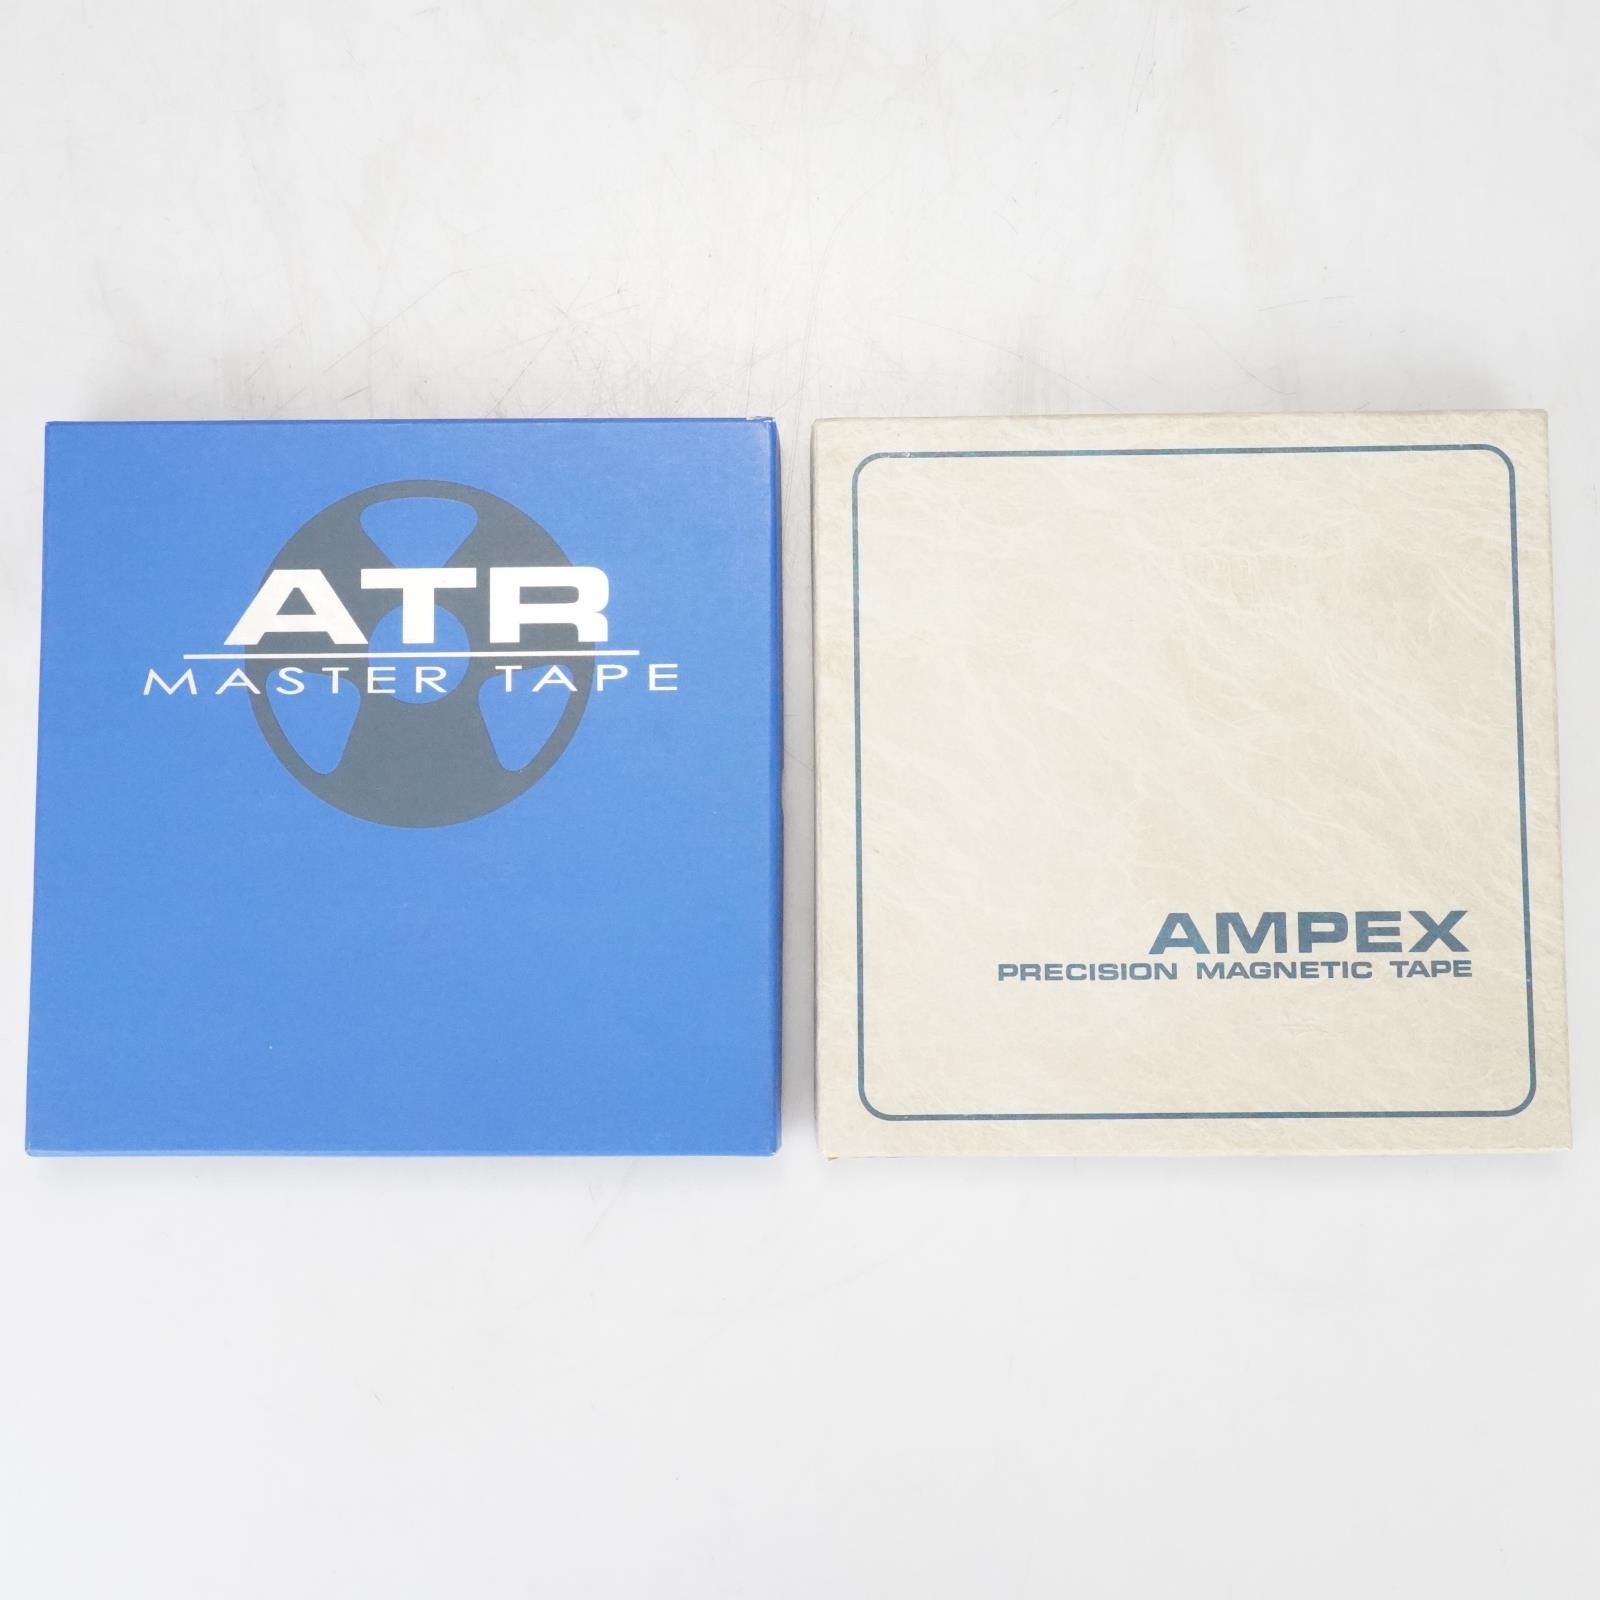 """2 Ampex Grand Master 456 ATR Master Tape 11B 1/2"""" x 2500' NAB Reels #39160"""